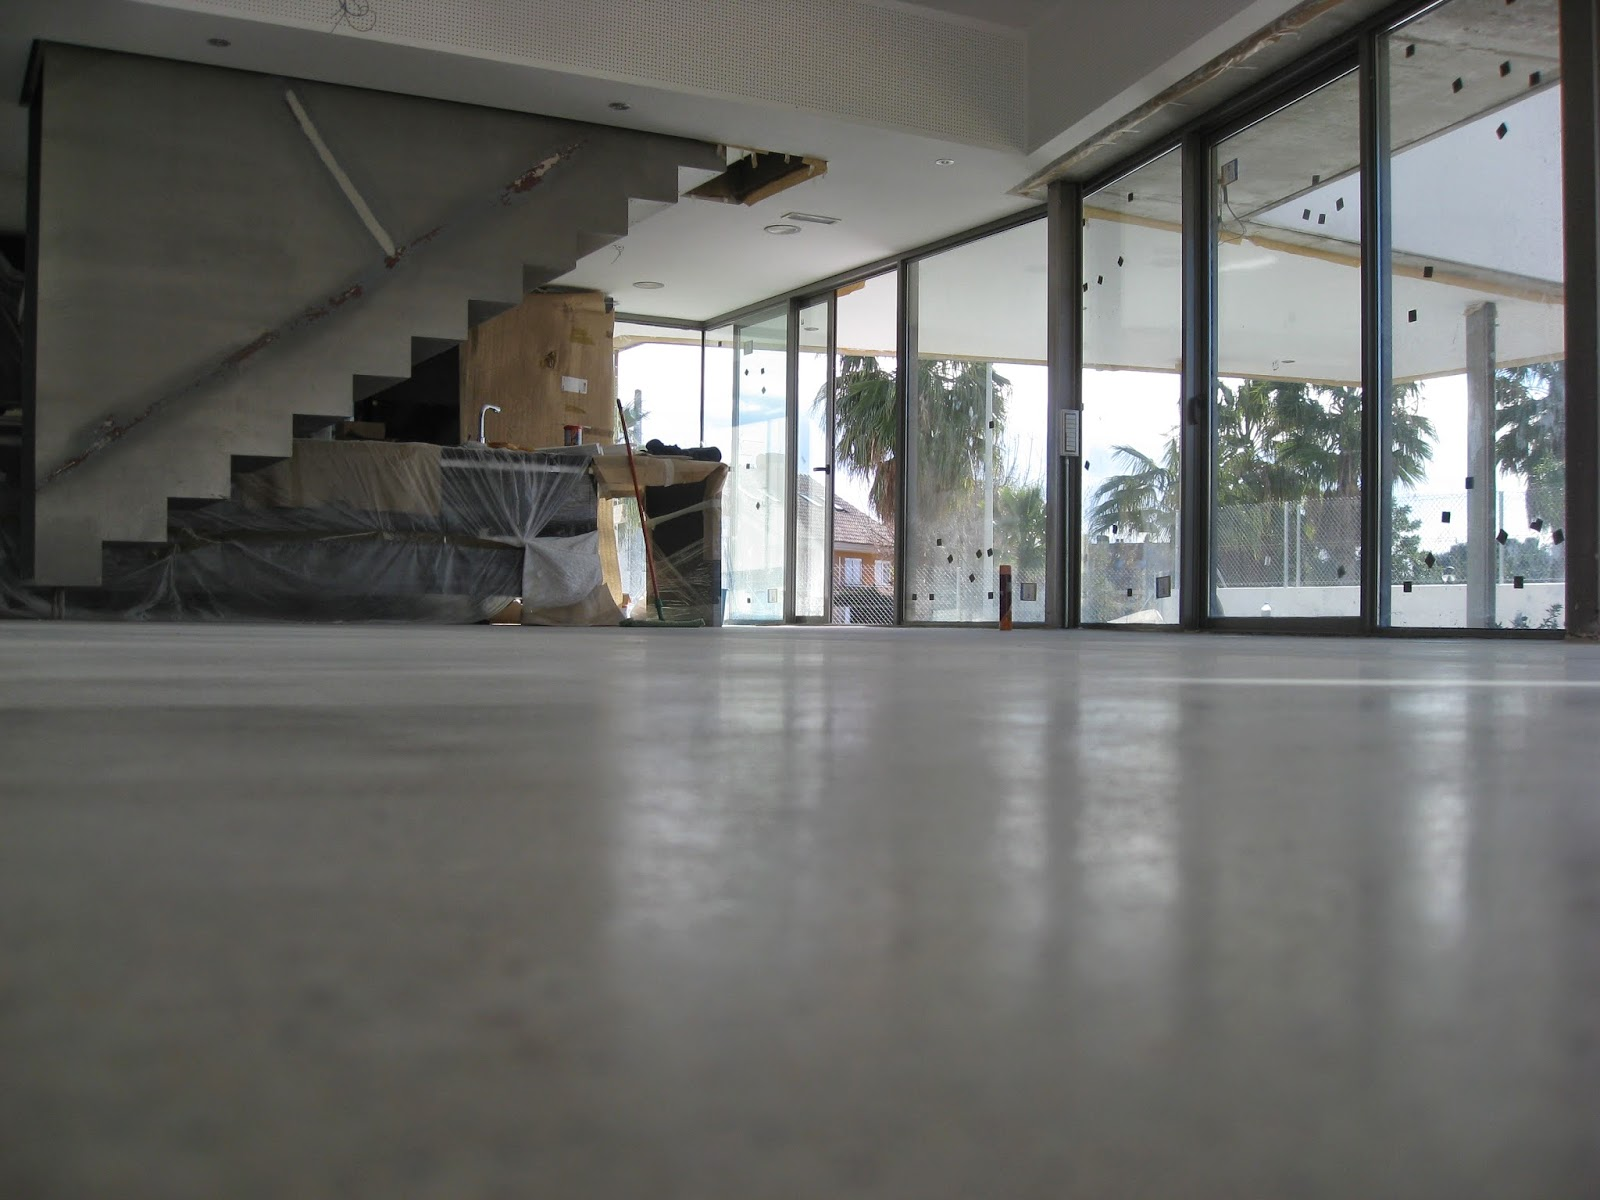 Hormig n pulido litio m laga hormisystem - Hormigon pulido para interiores ...